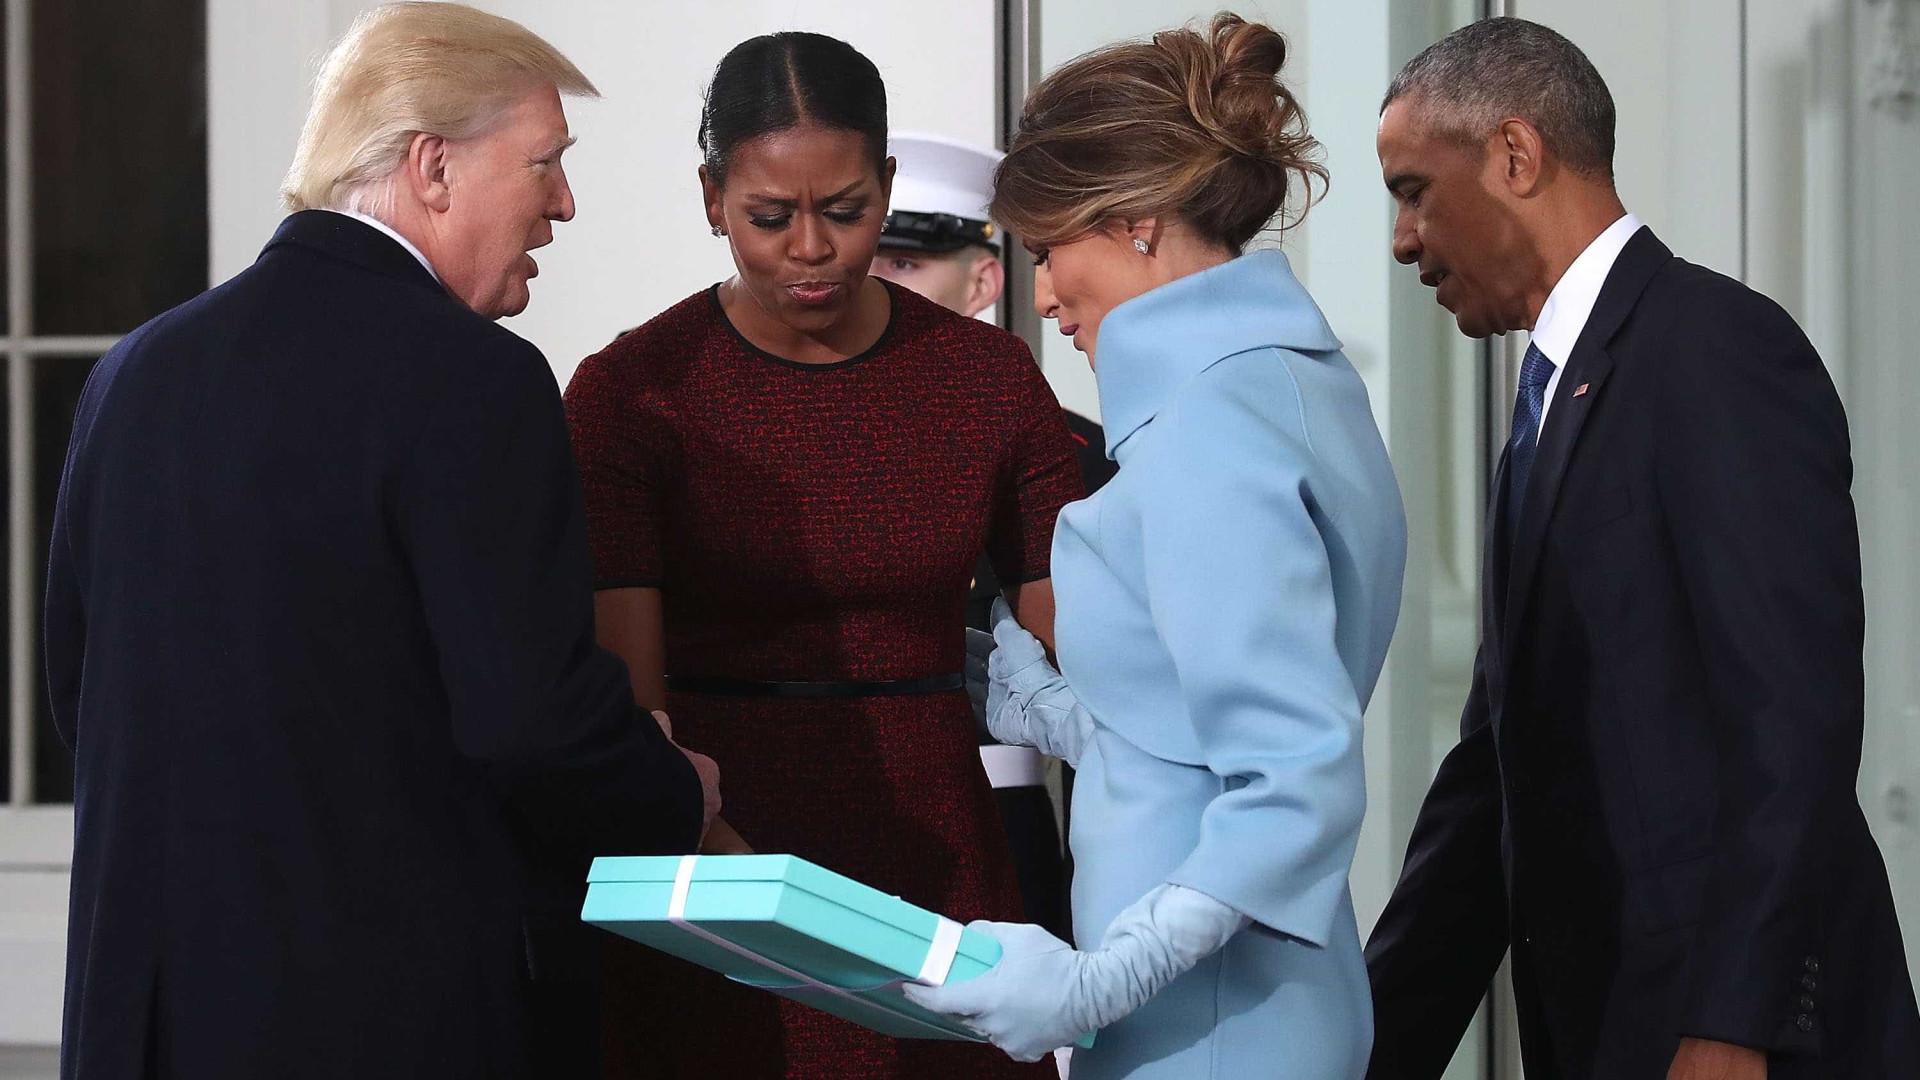 Melania Trump sorridente com os Obama no funeral de Barbara Bush